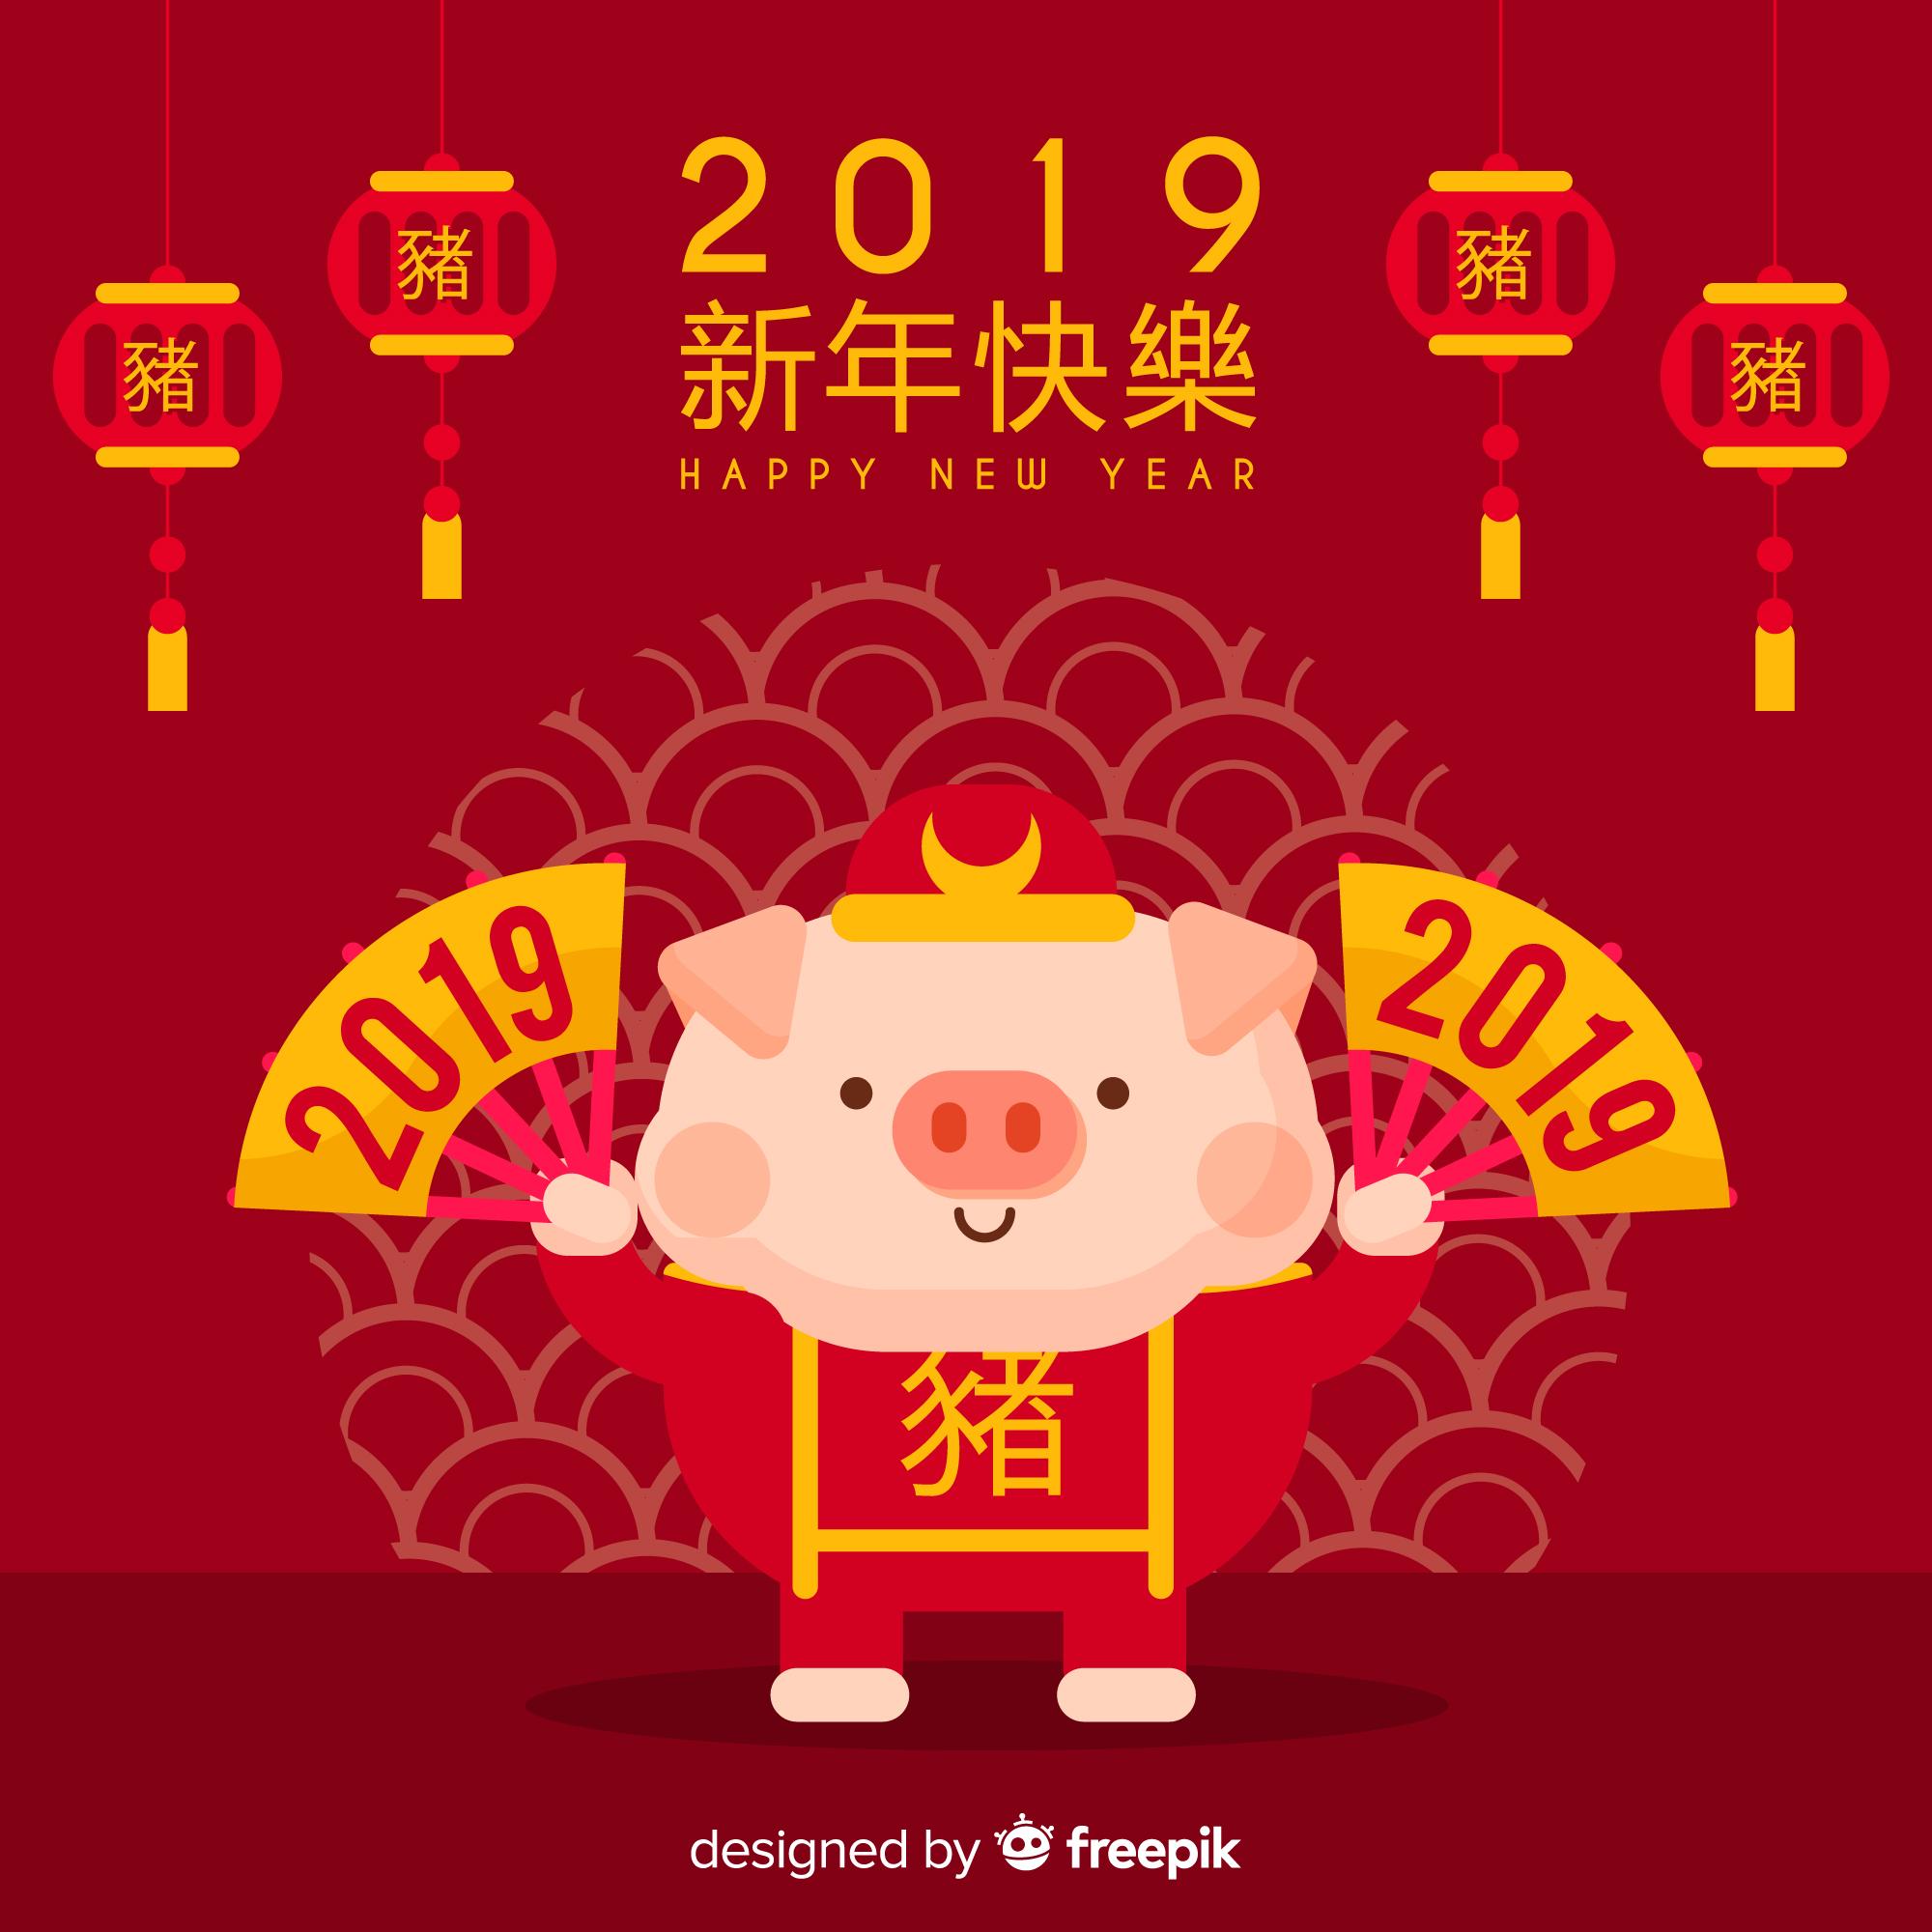 猪年(己亥年)矢量创意图形矢量素材模板 Pig Year (Hai Haiian) Vector Creative Graphic Vector Material Template [EPS]插图(4)